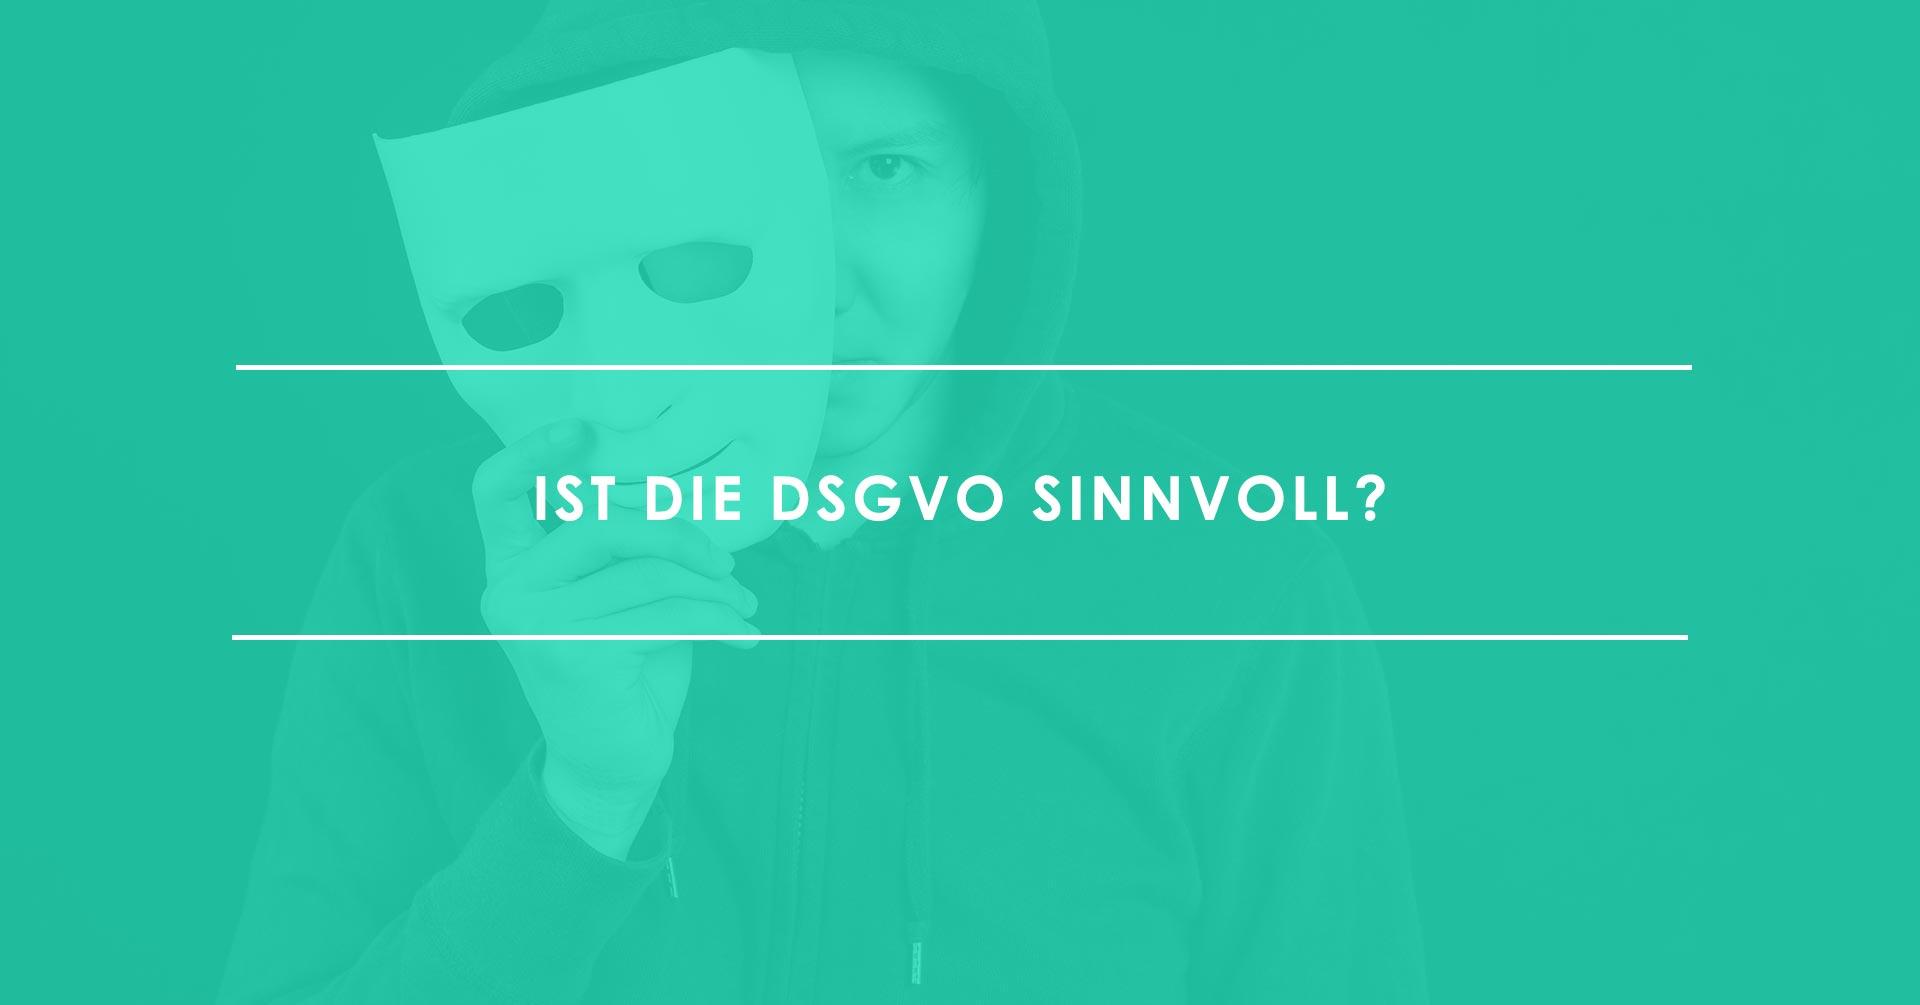 Ist die DSGVO sinnvoll?